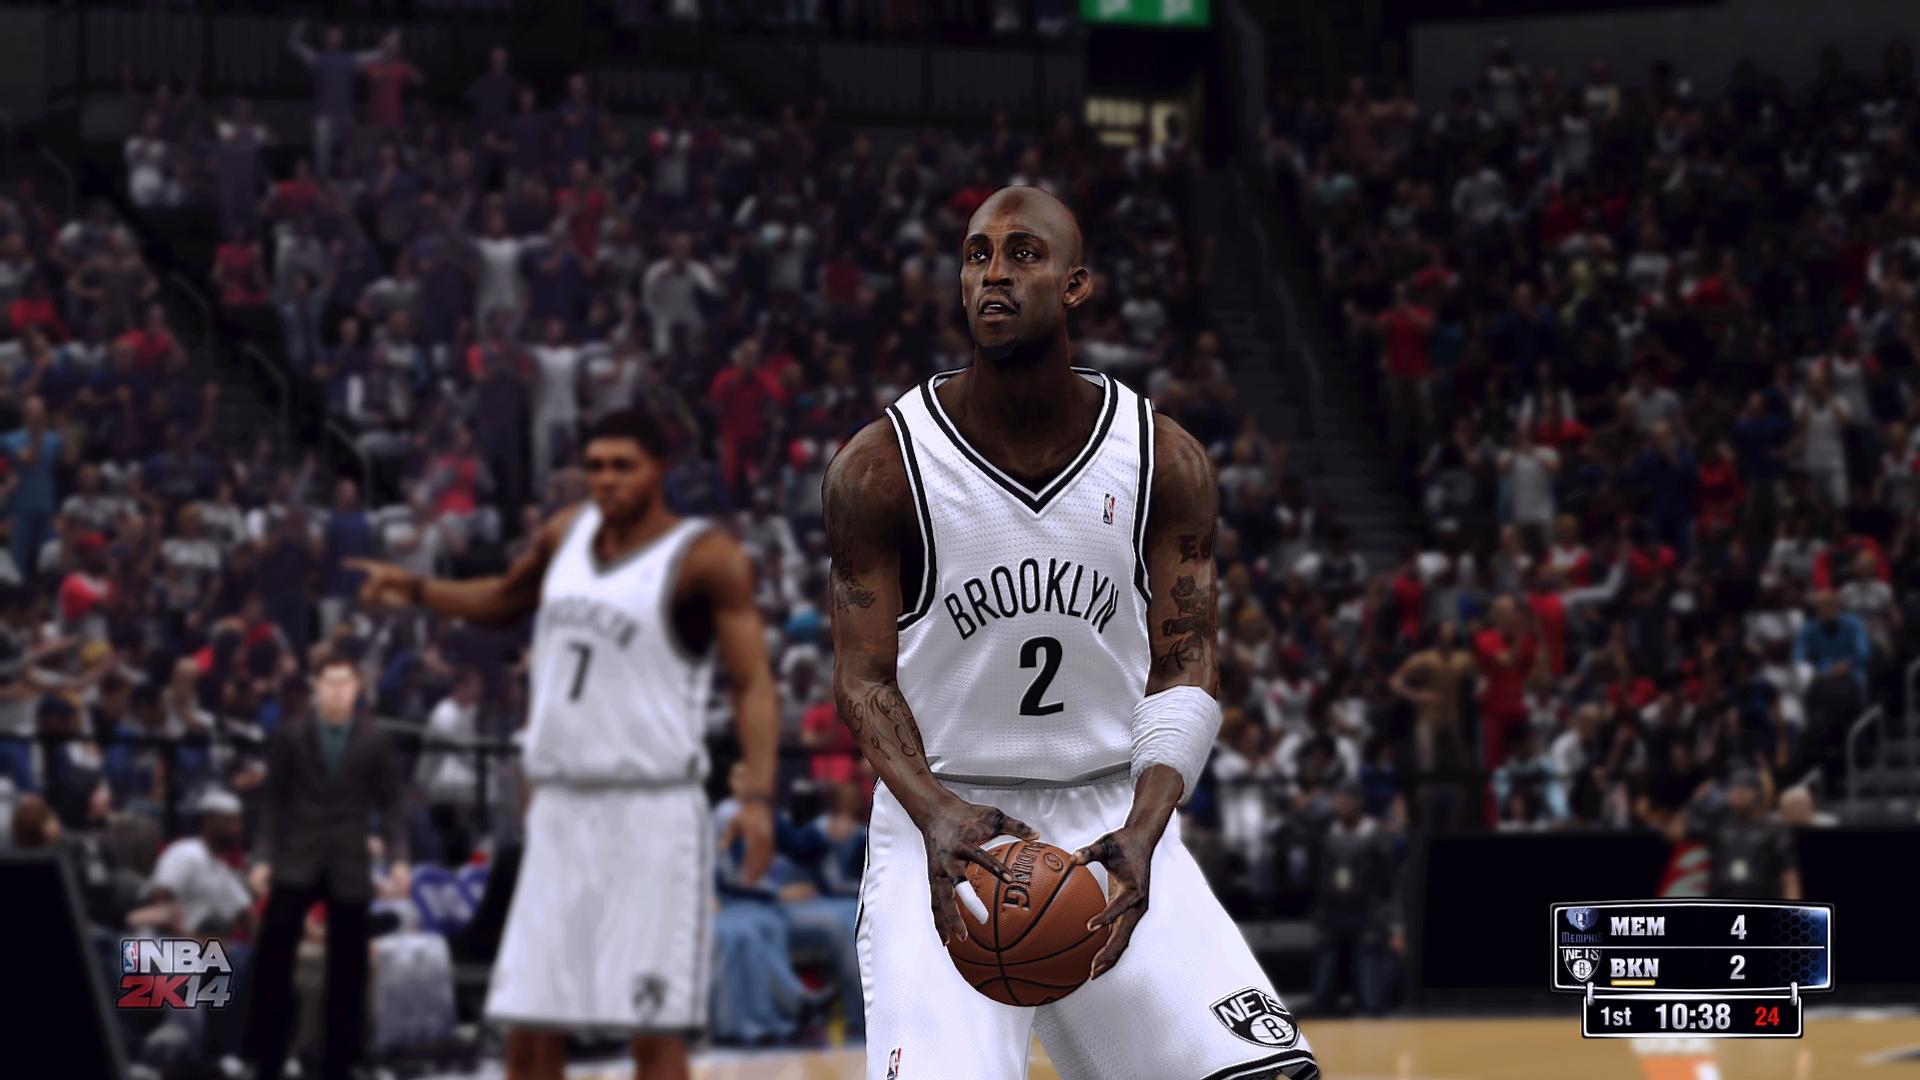 NBA 2K14 Next-Gen